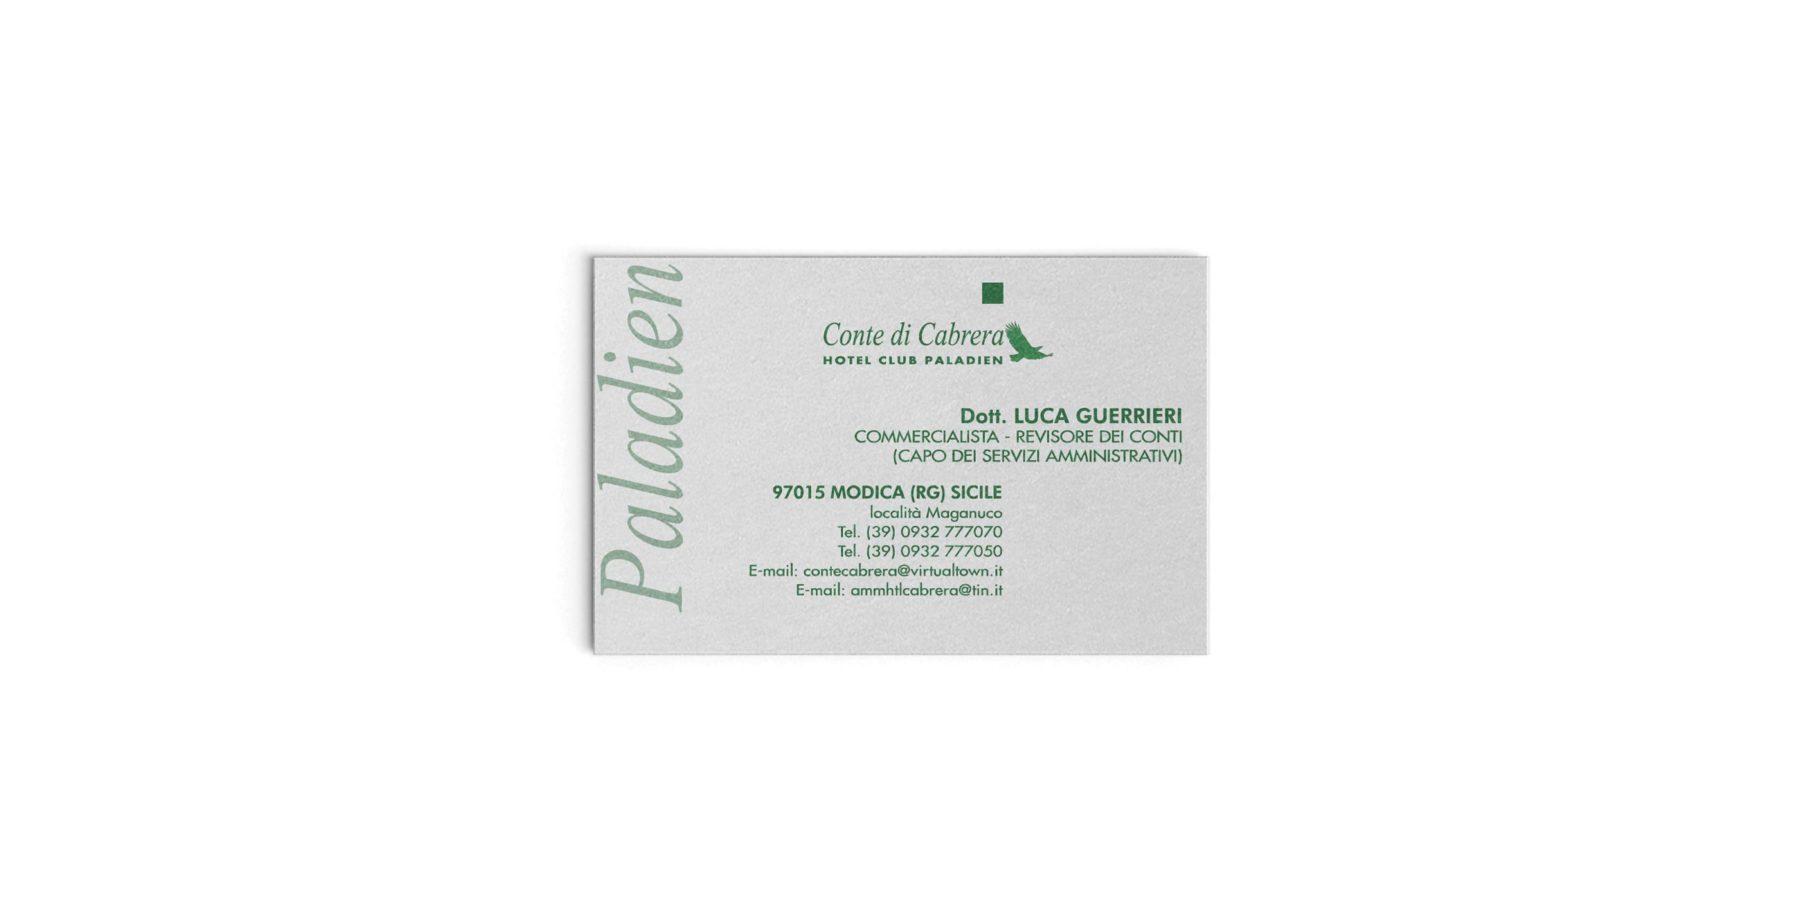 1999/2006 - Direttore d'Amministrazione Conte di Cabrera Hotel Club Paladien